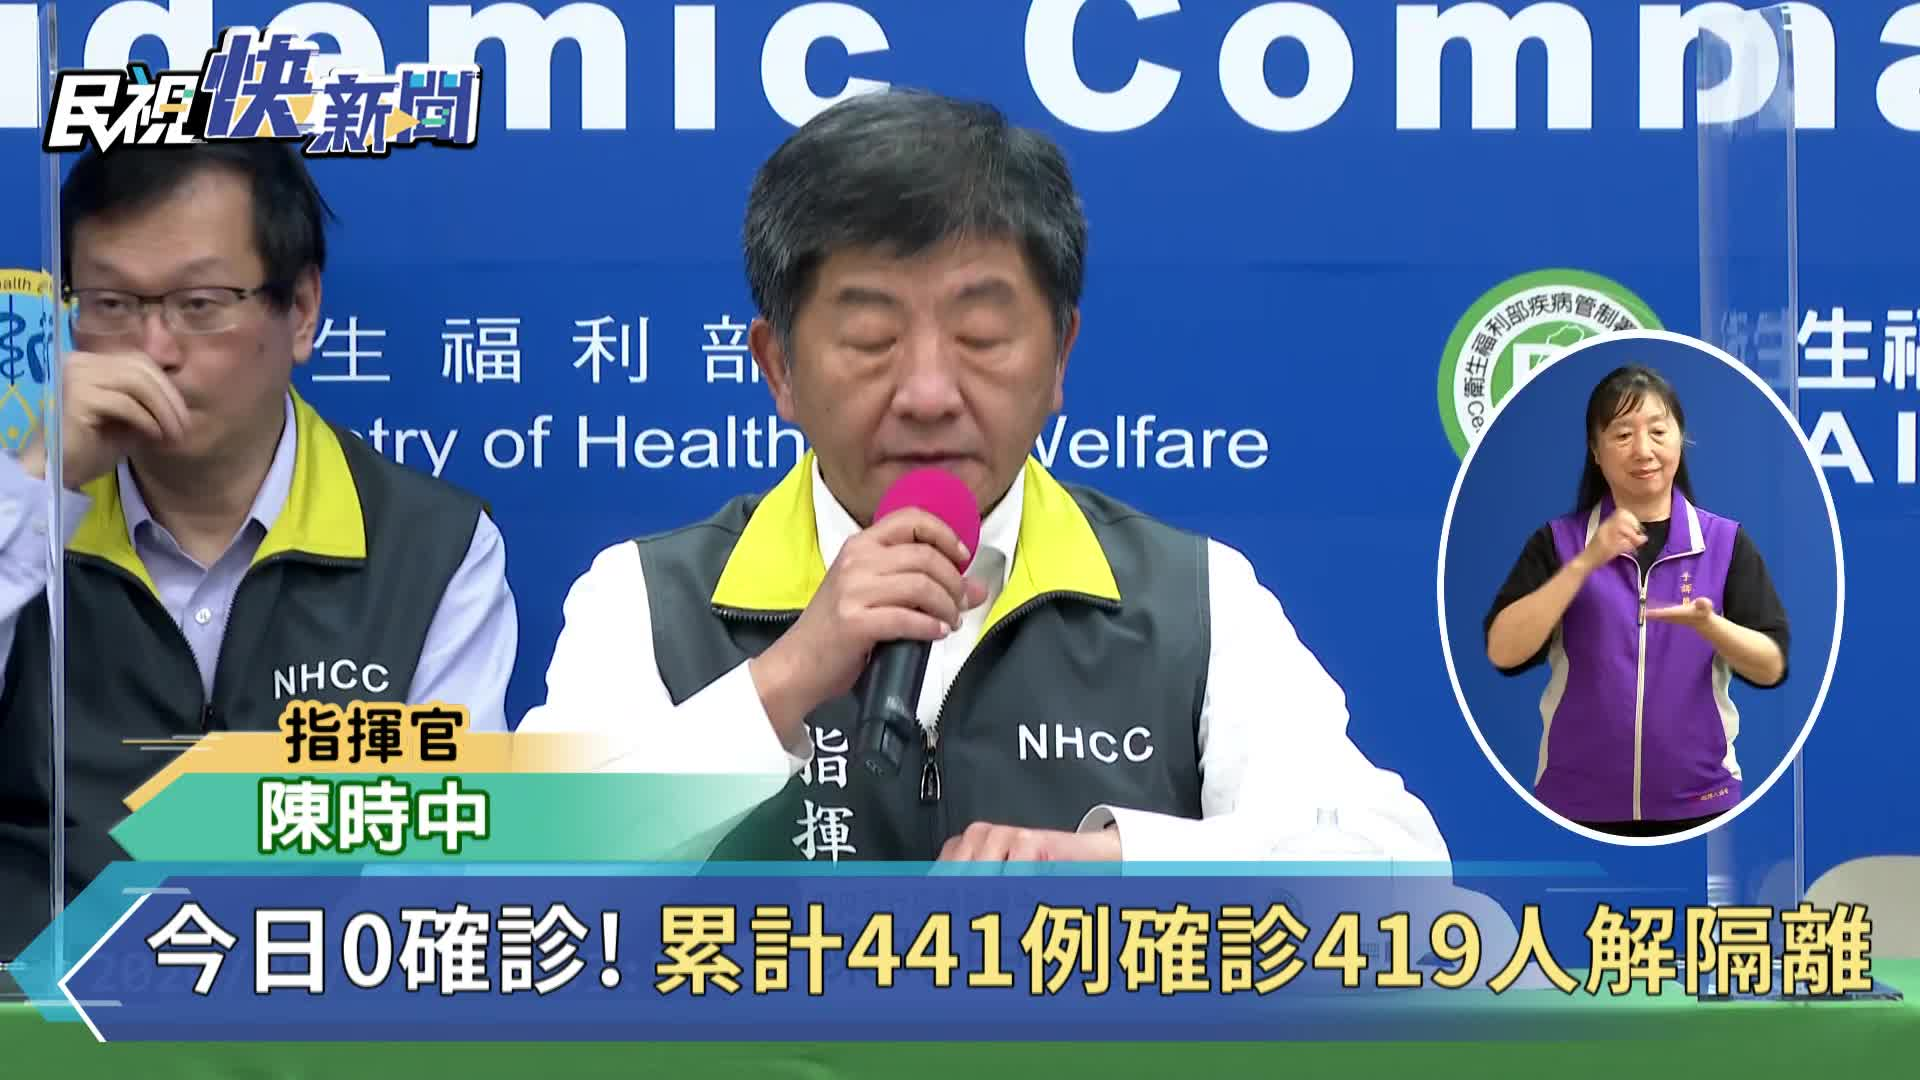 快新聞/台灣連6天「零確診」 國內45天無本土病例、419人解除隔離